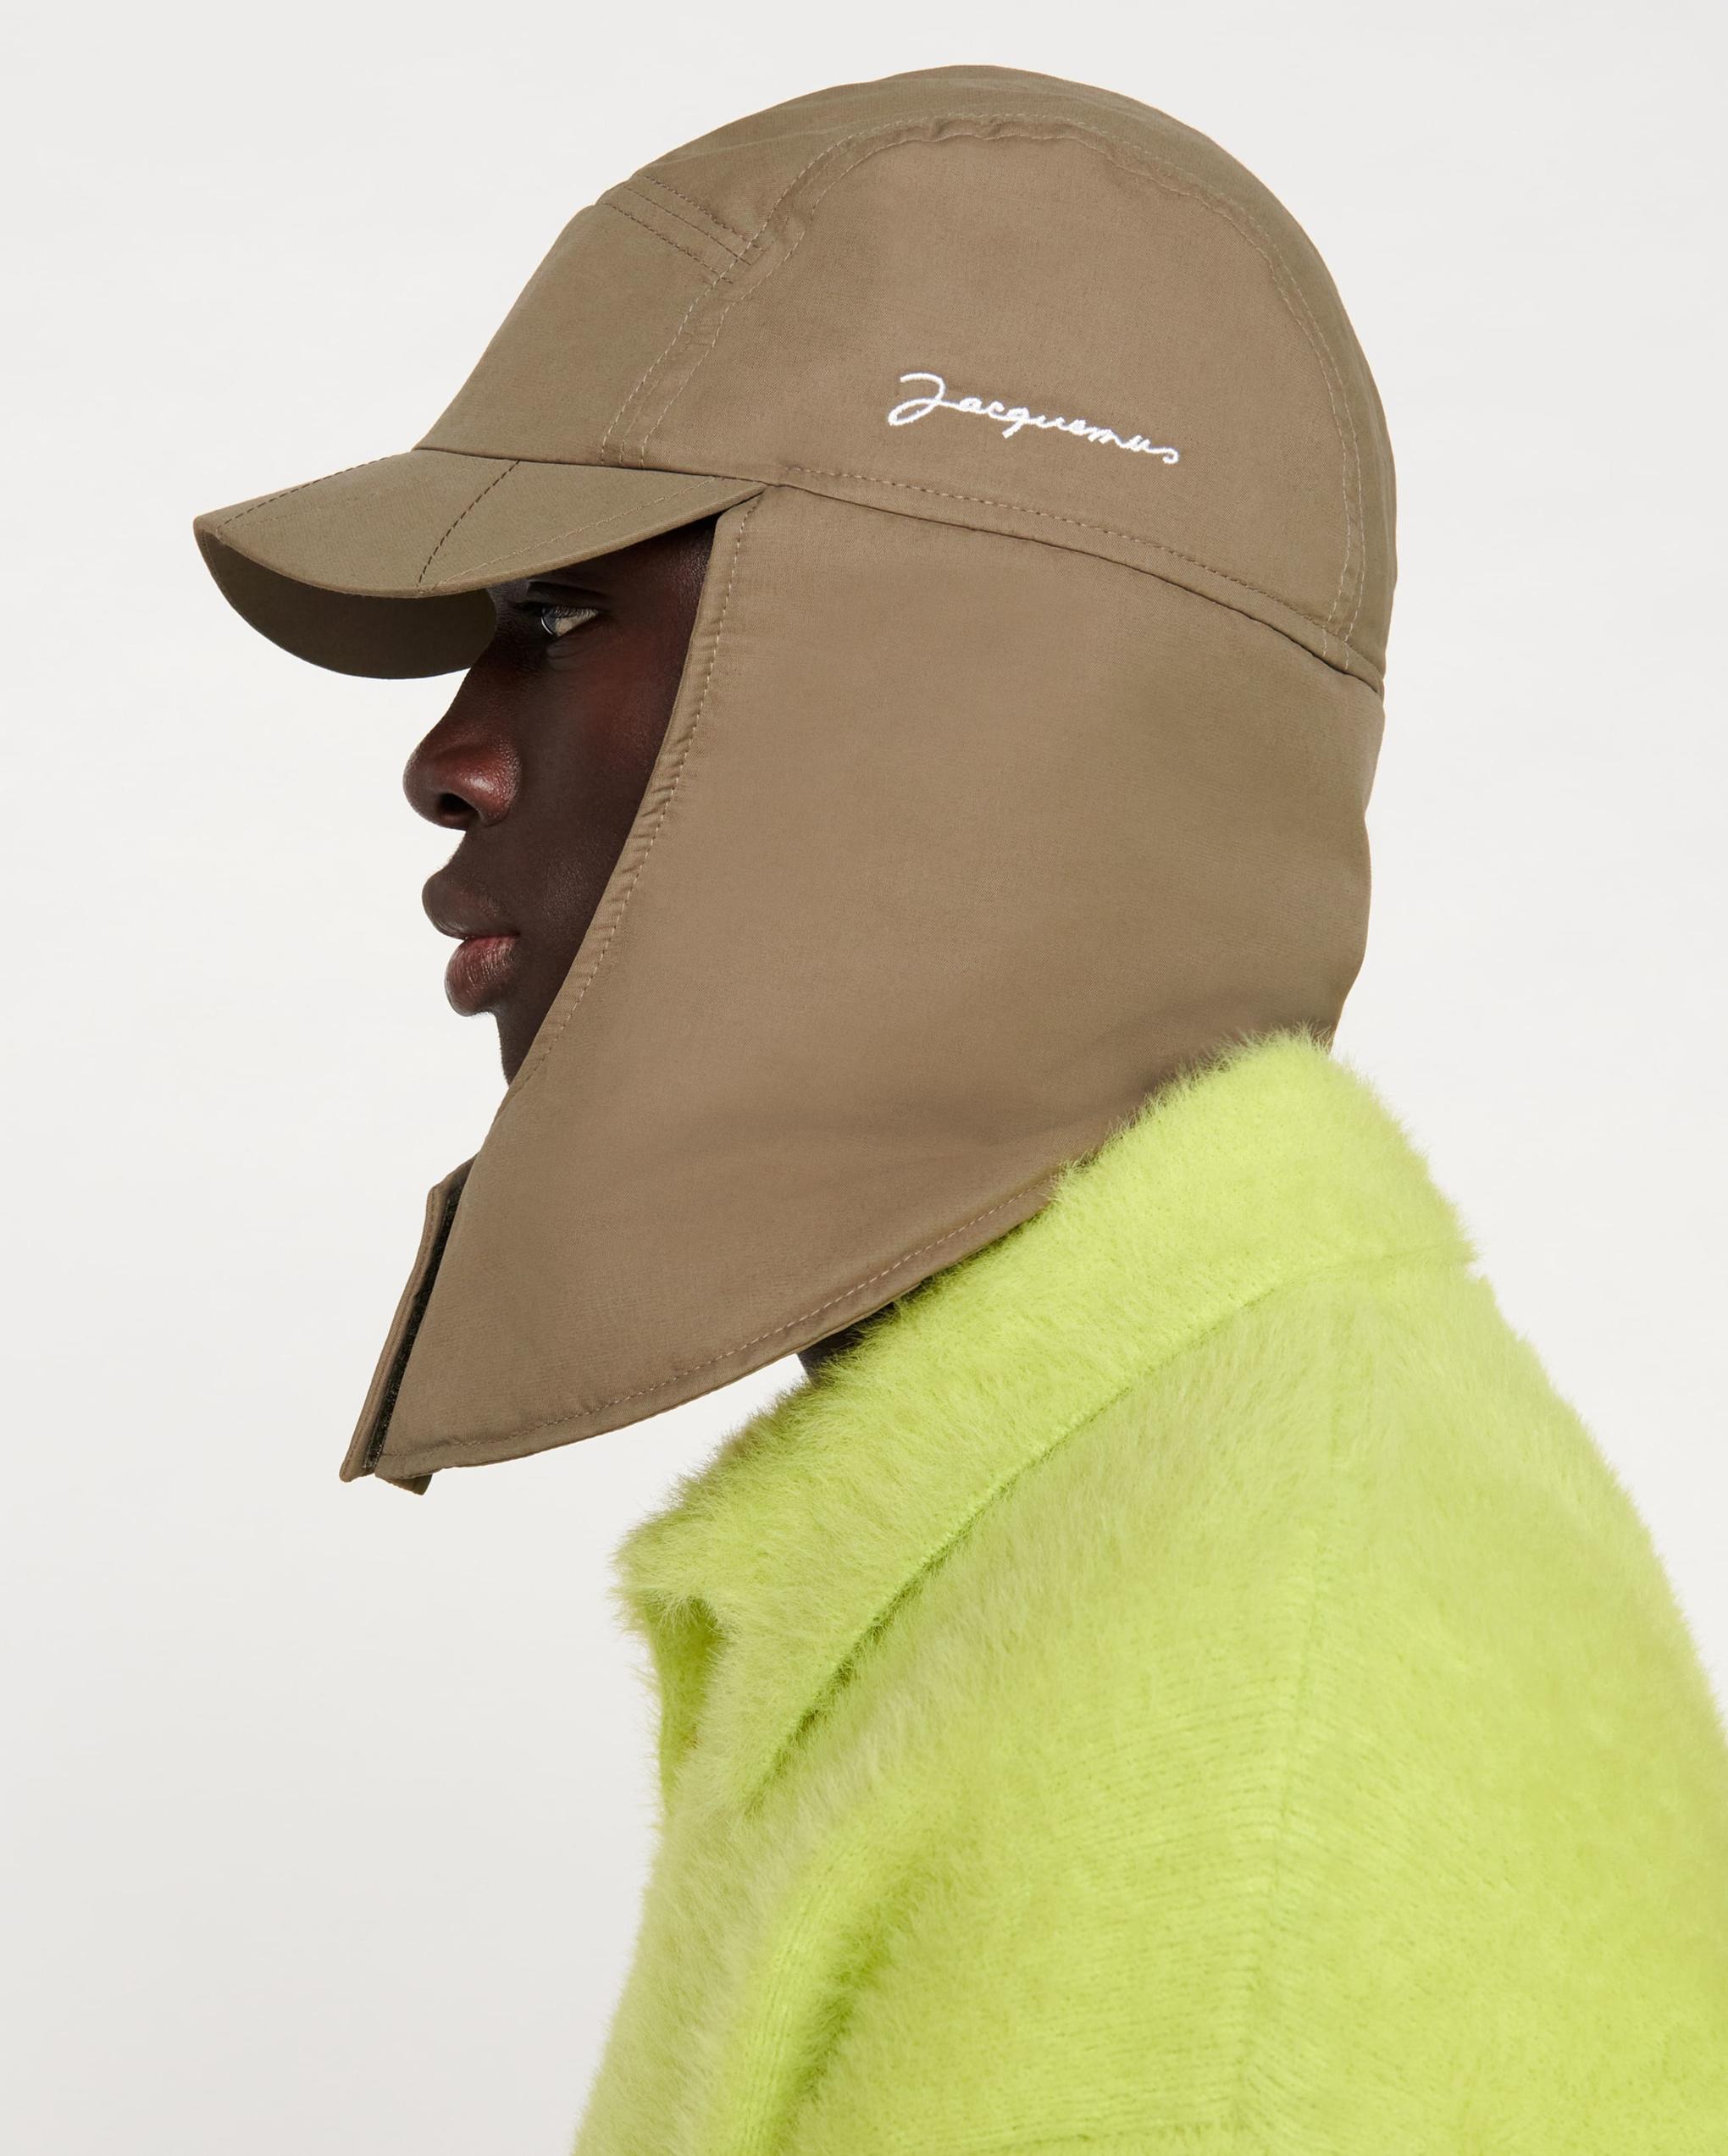 La casquette Cagoule